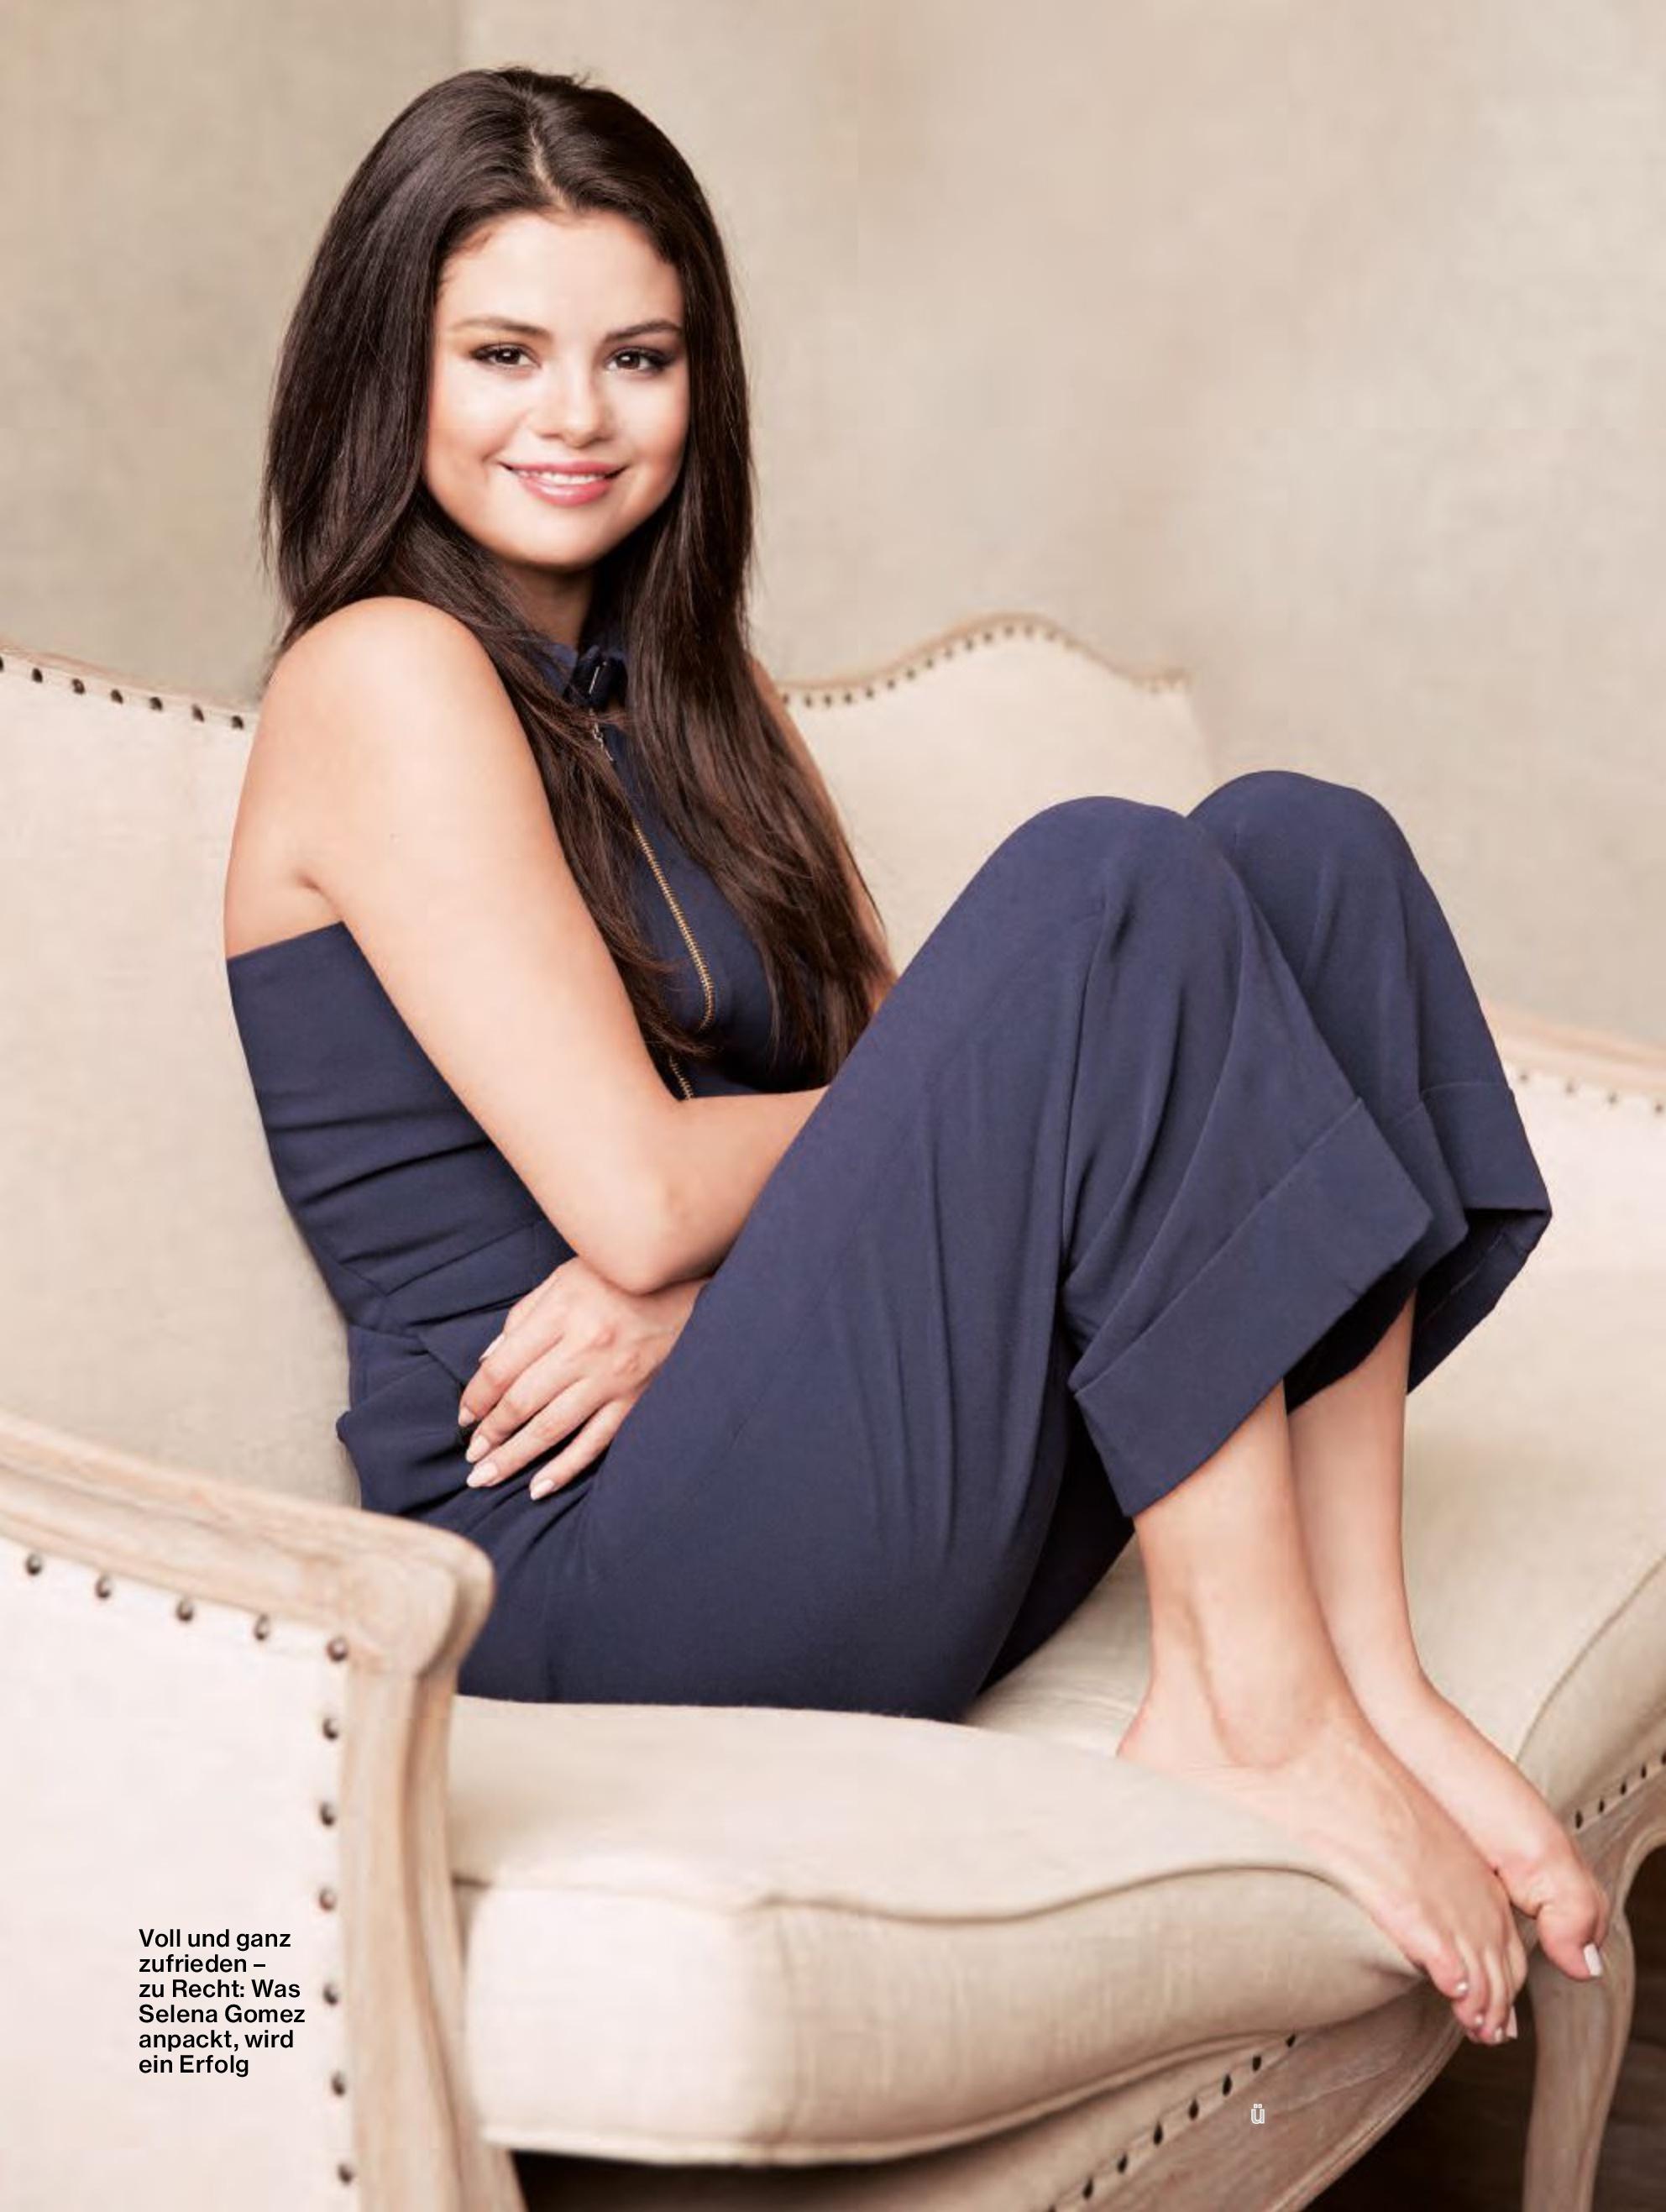 Selena gomez feet pictures